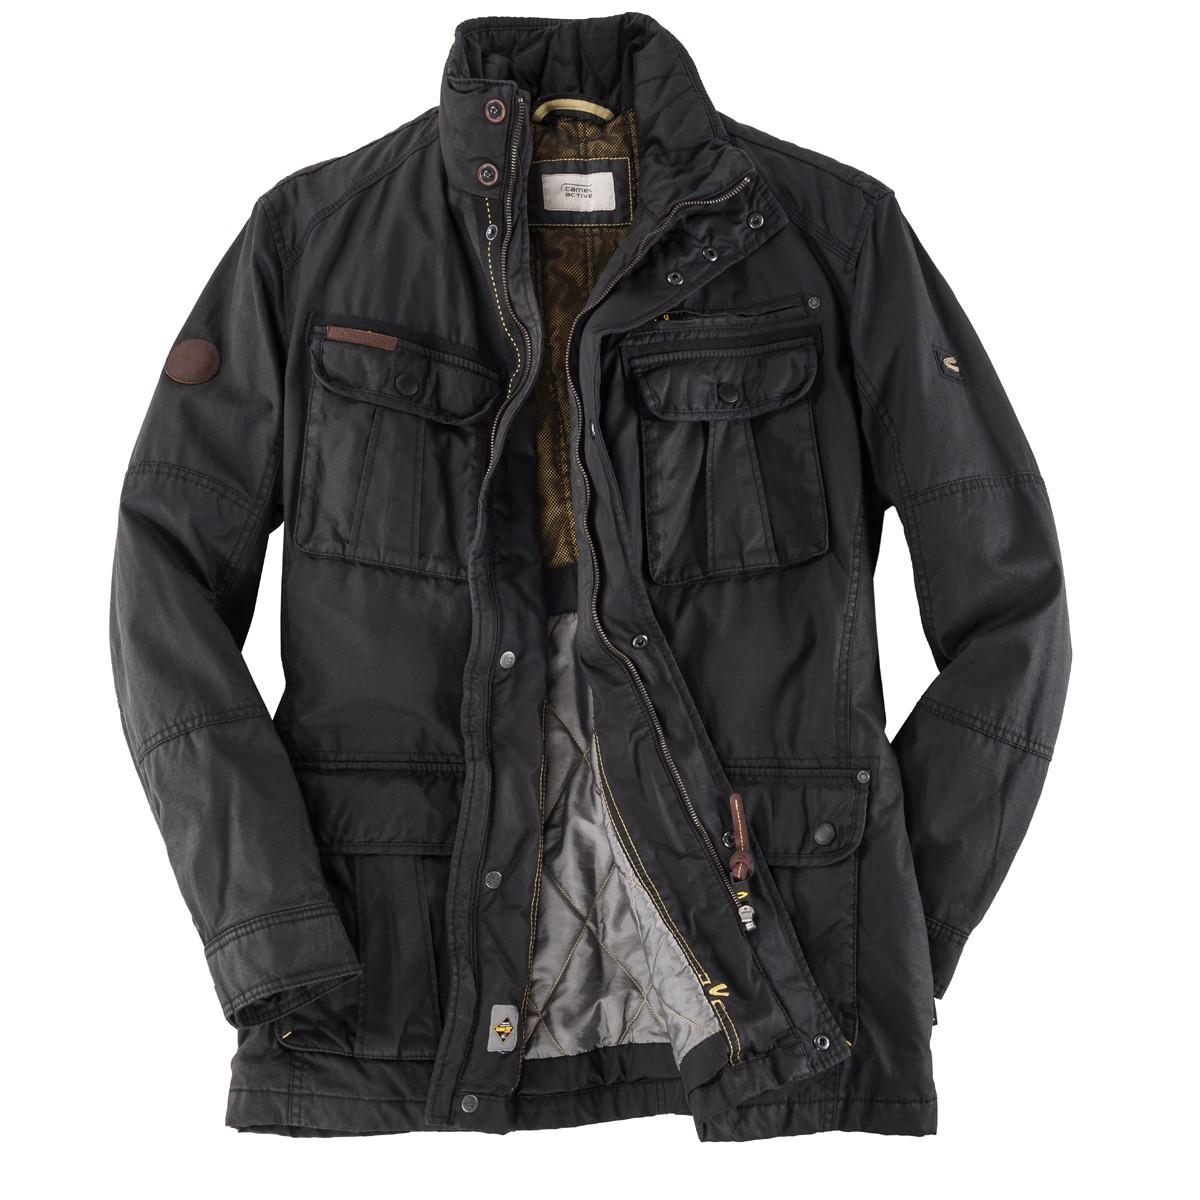 großer Abverkauf große Vielfalt Stile Auf Abstand Schwarze Gore-Tex® Jacke von Camel Active